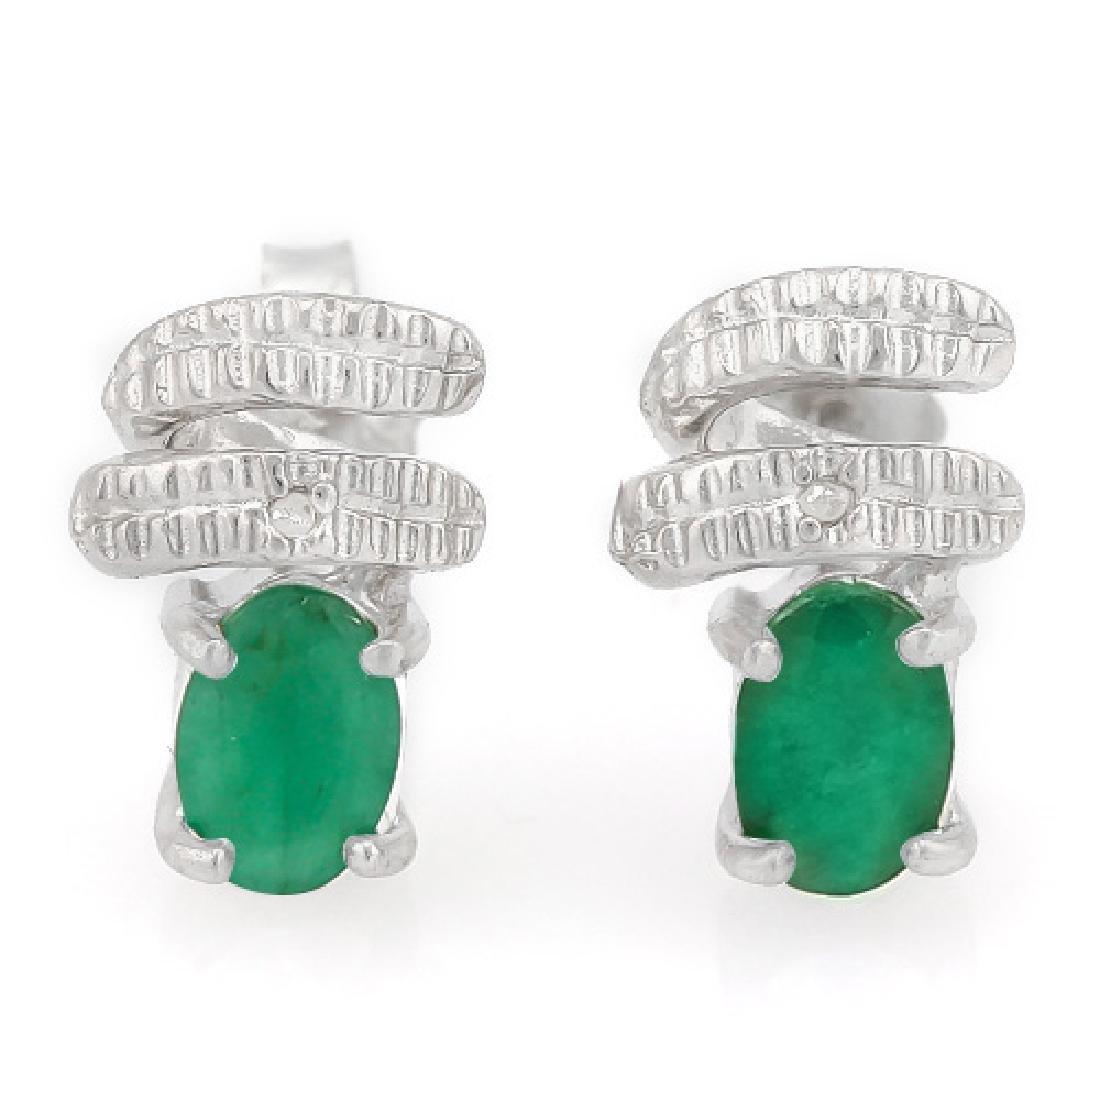 1 CARAT EMERALD & DIAMOND 925 STERLING SILVER EARRINGS